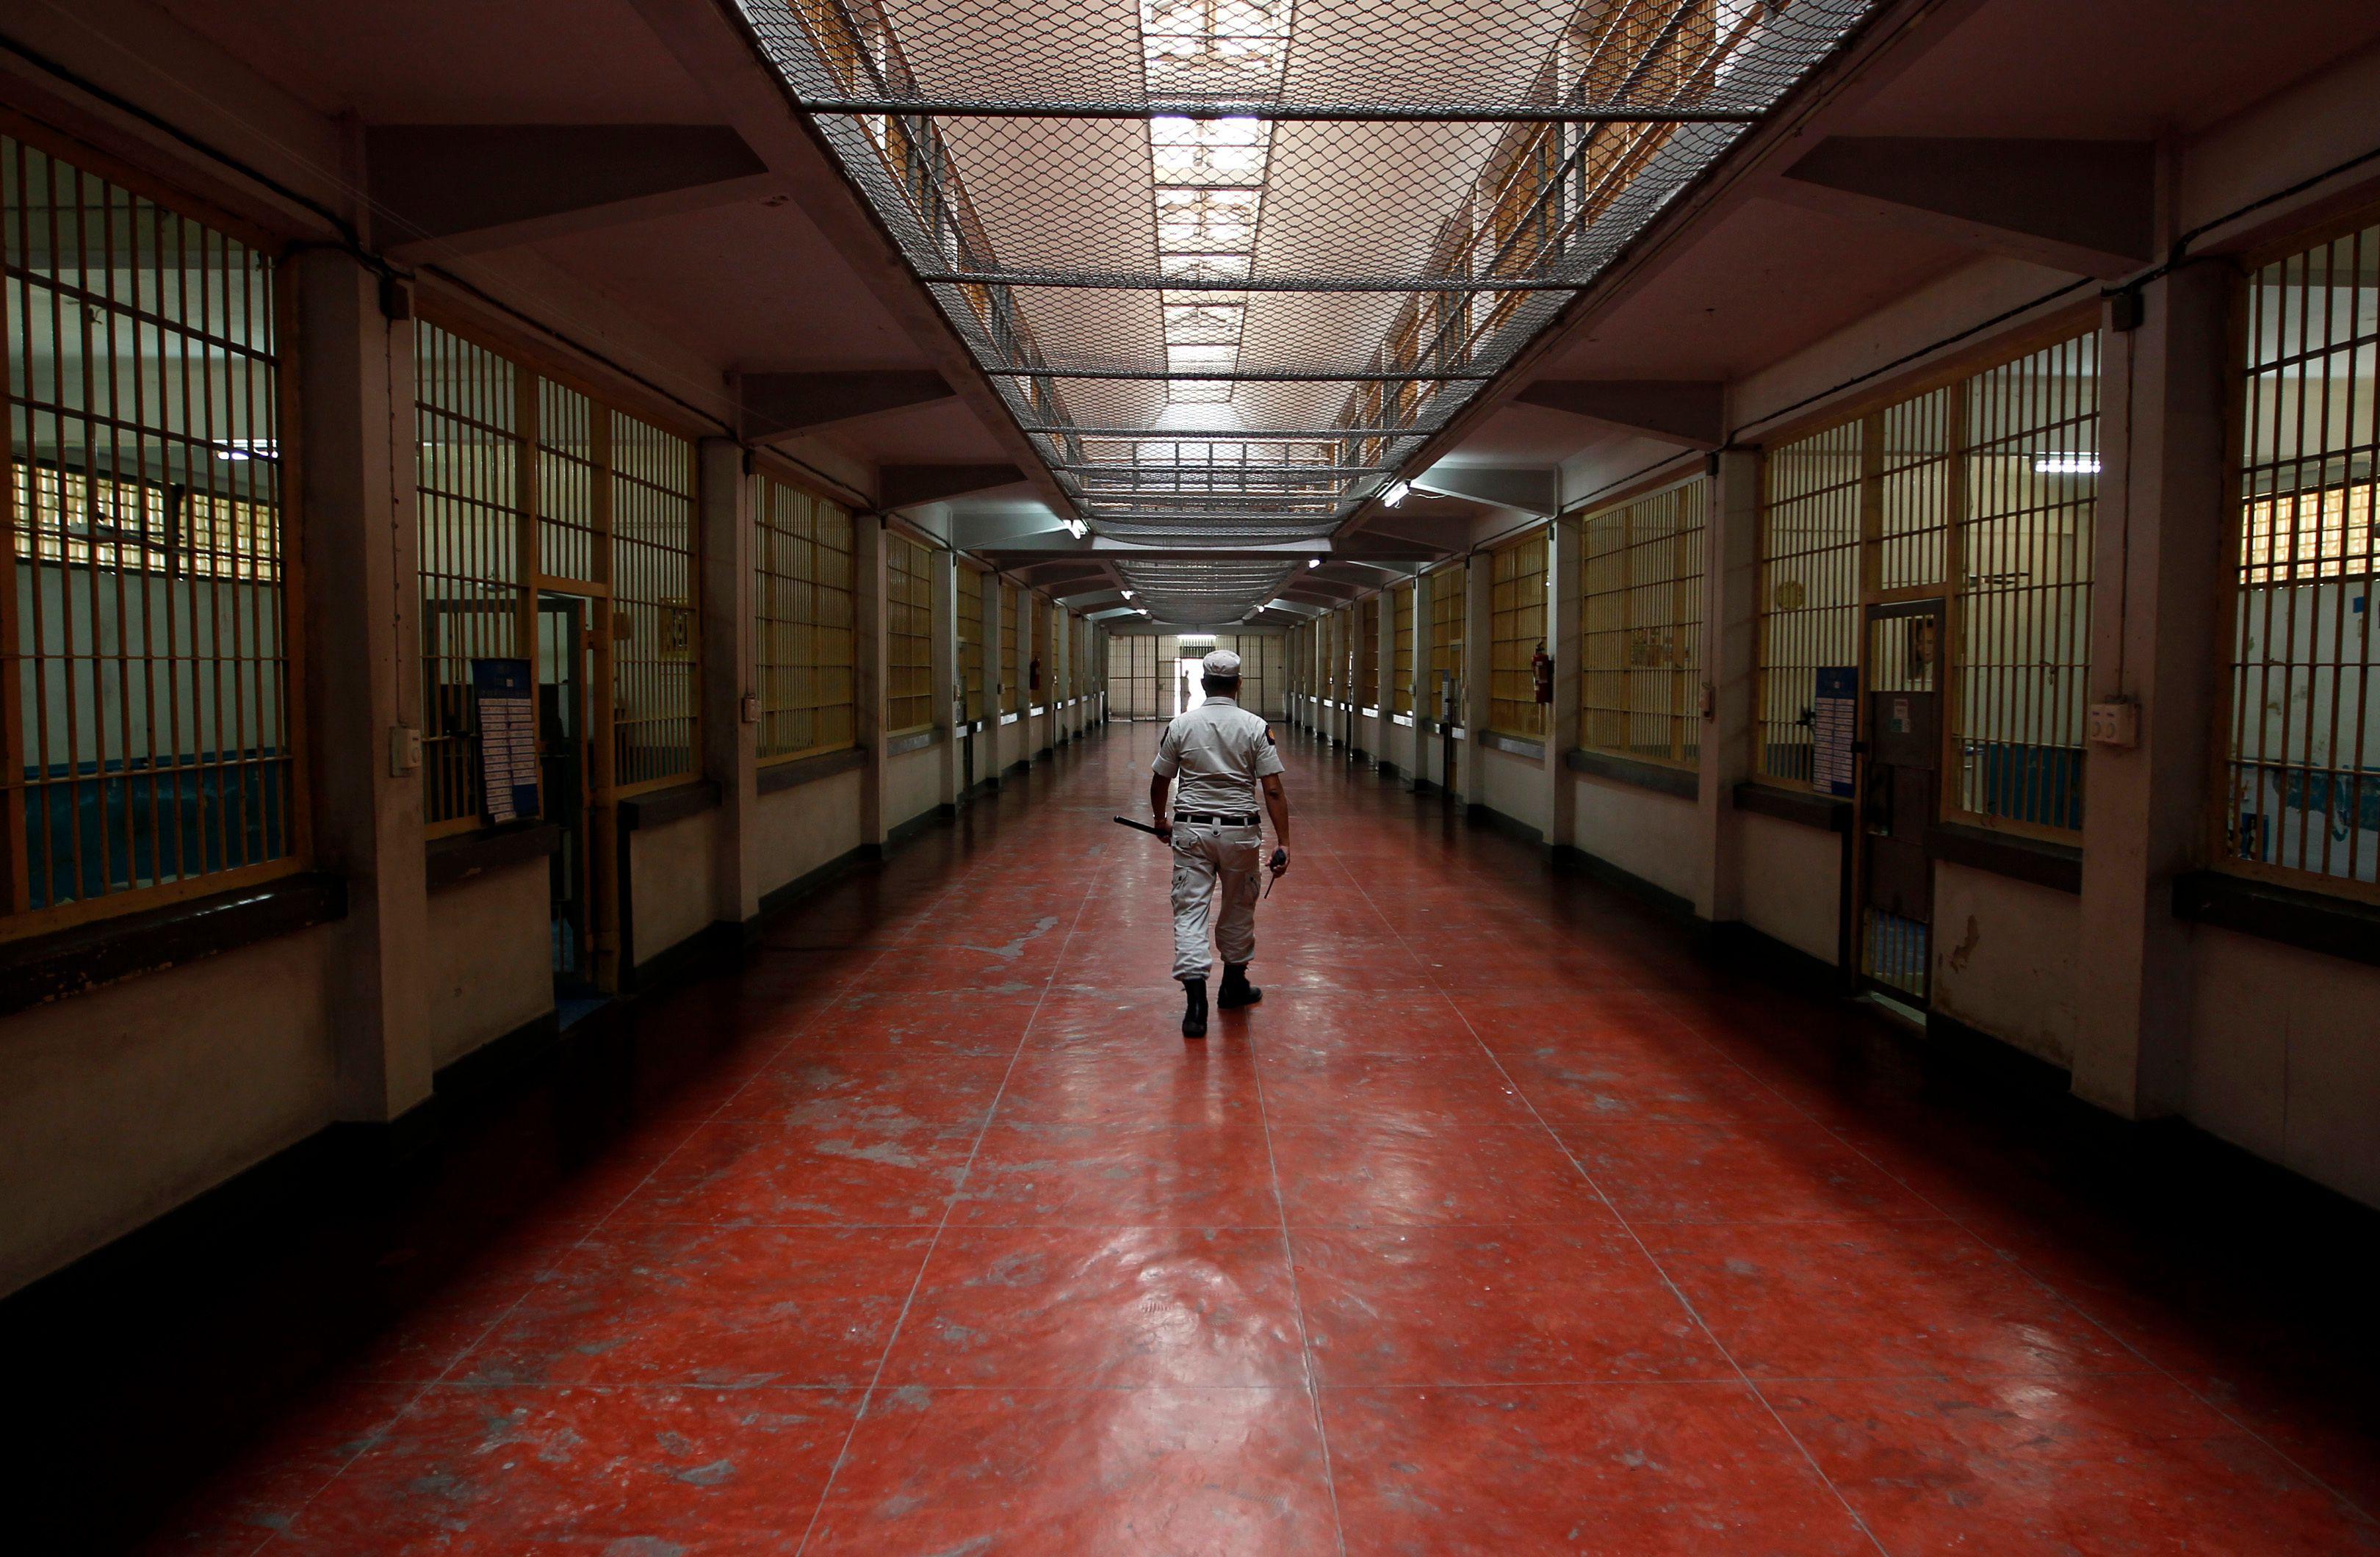 """A-t-on renoncé à """"apaiser"""" les prisons autrement qu'en cédant aux caprices des détenus ?"""